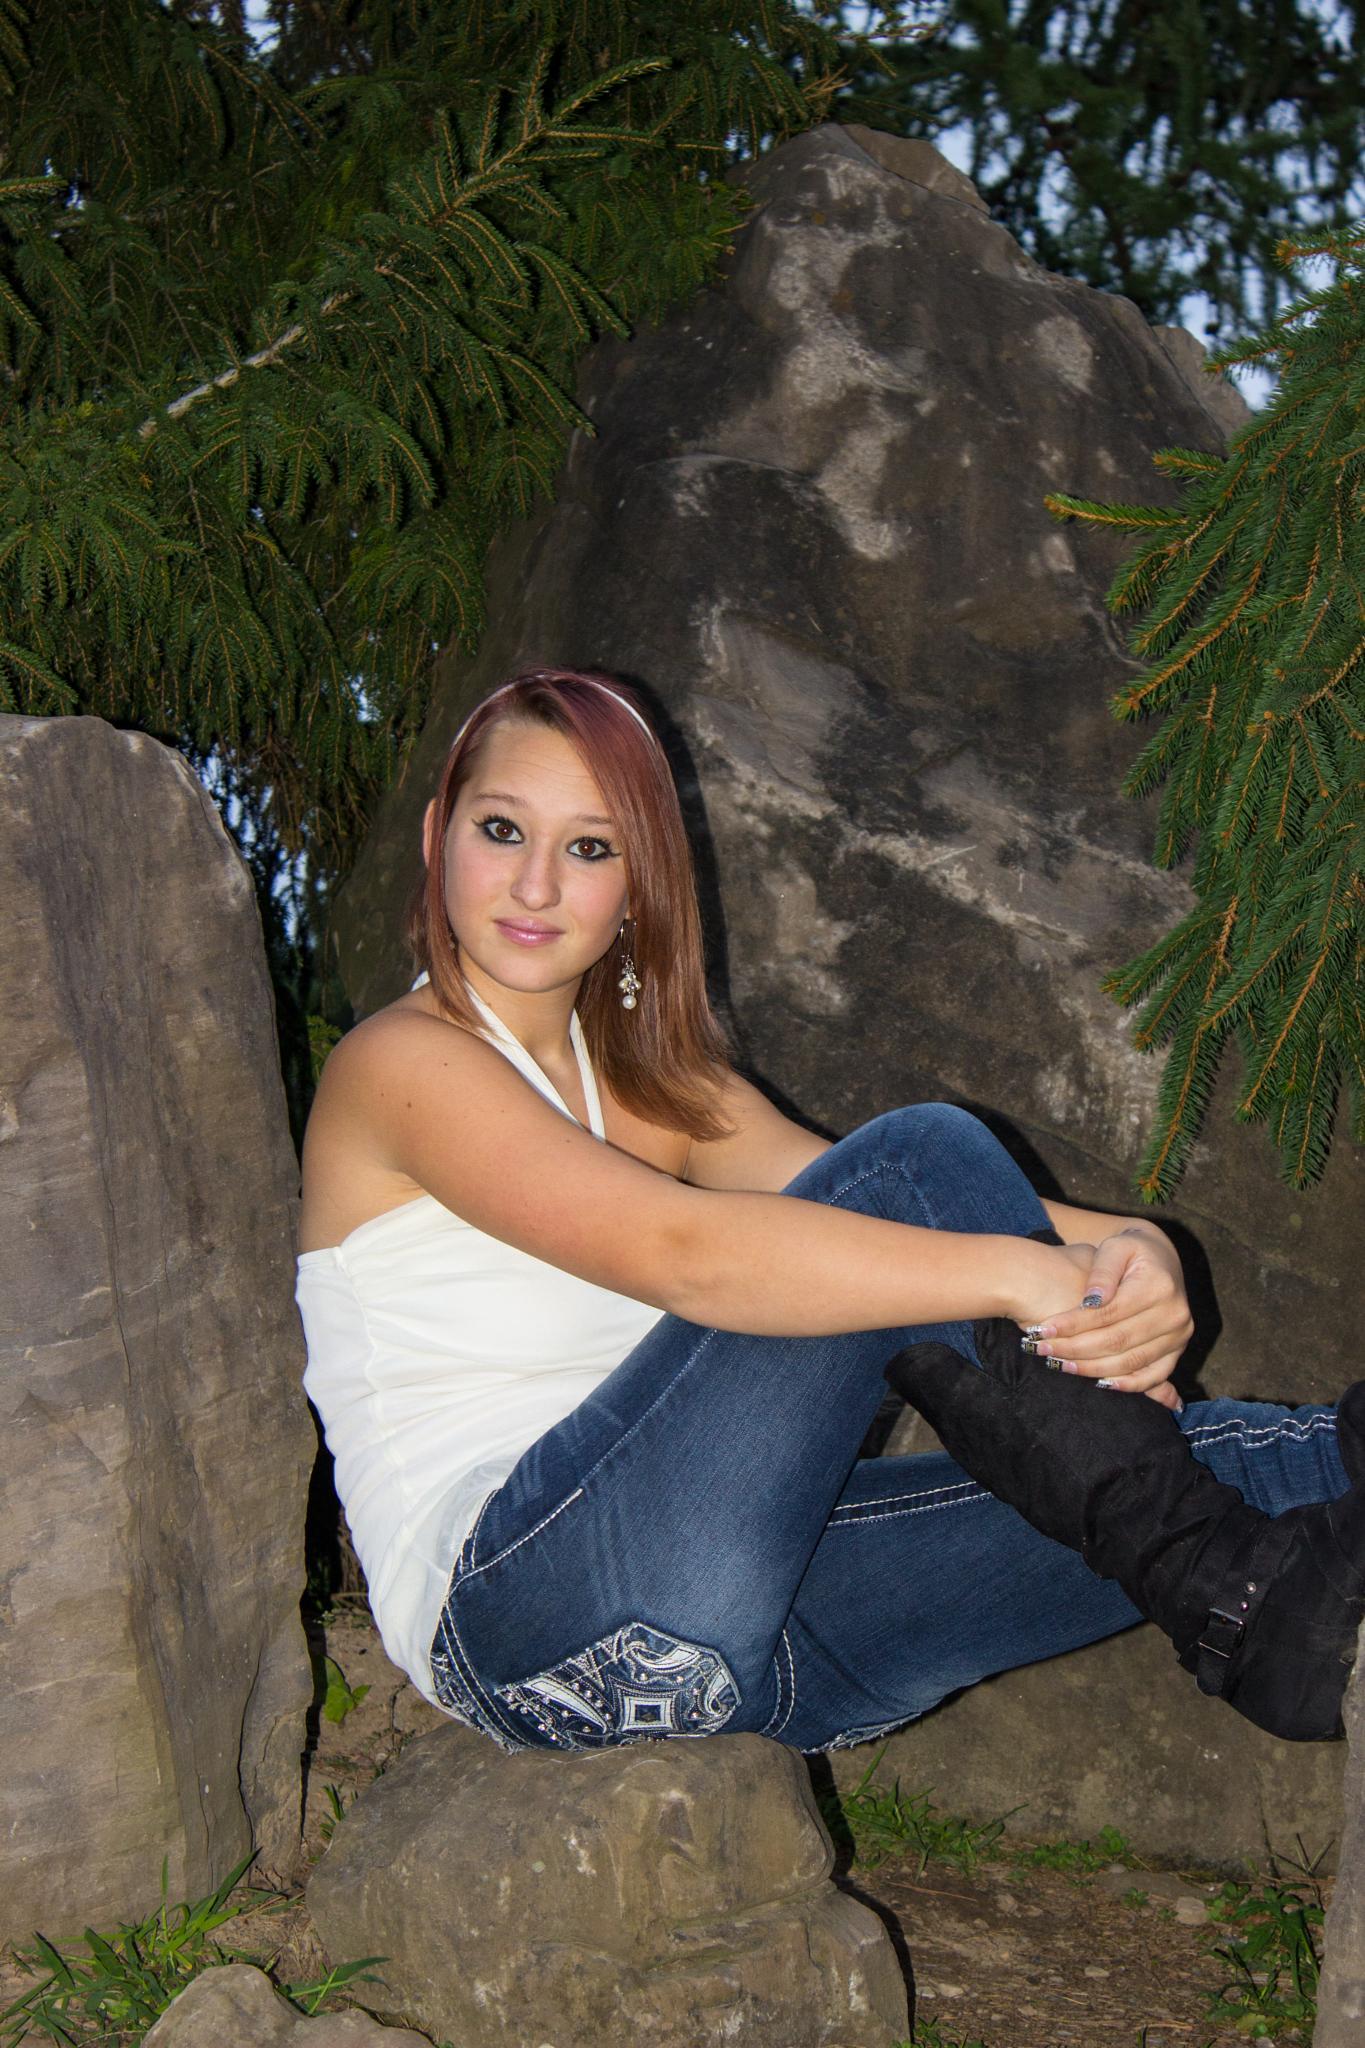 Senior by Ashley Smith